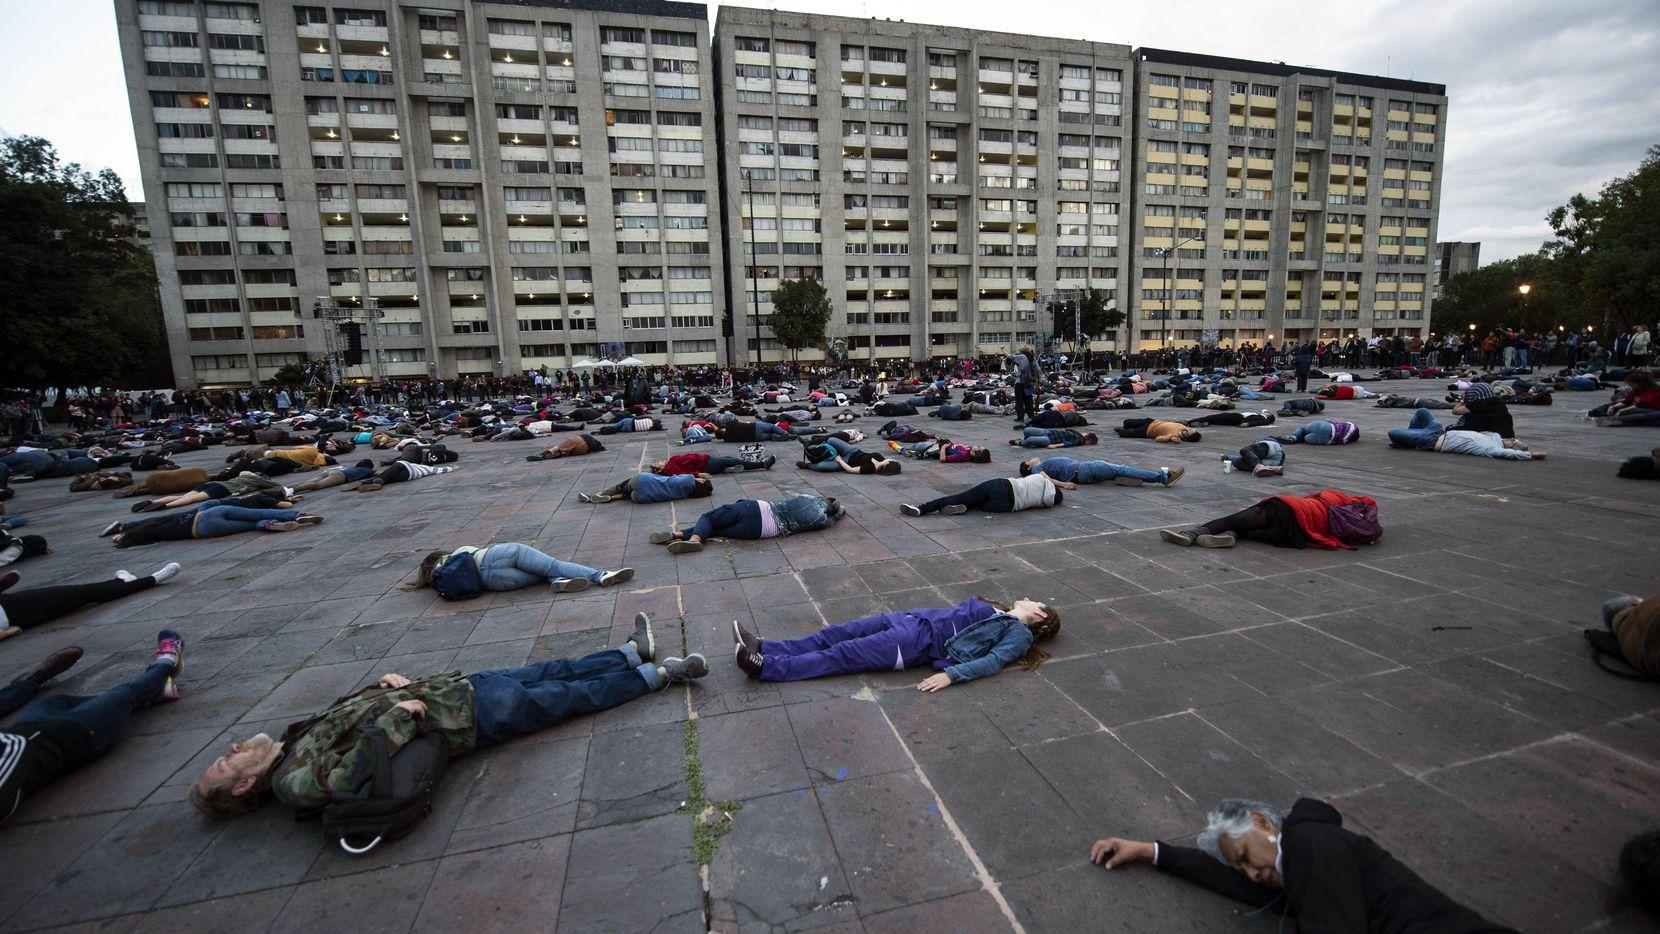 Personas se acuestan en la plaza de Tlatelolco, en recordatorio de la matanza de estudiantes. (AFP/GETTY IMAGES/PEDRO PARDO)